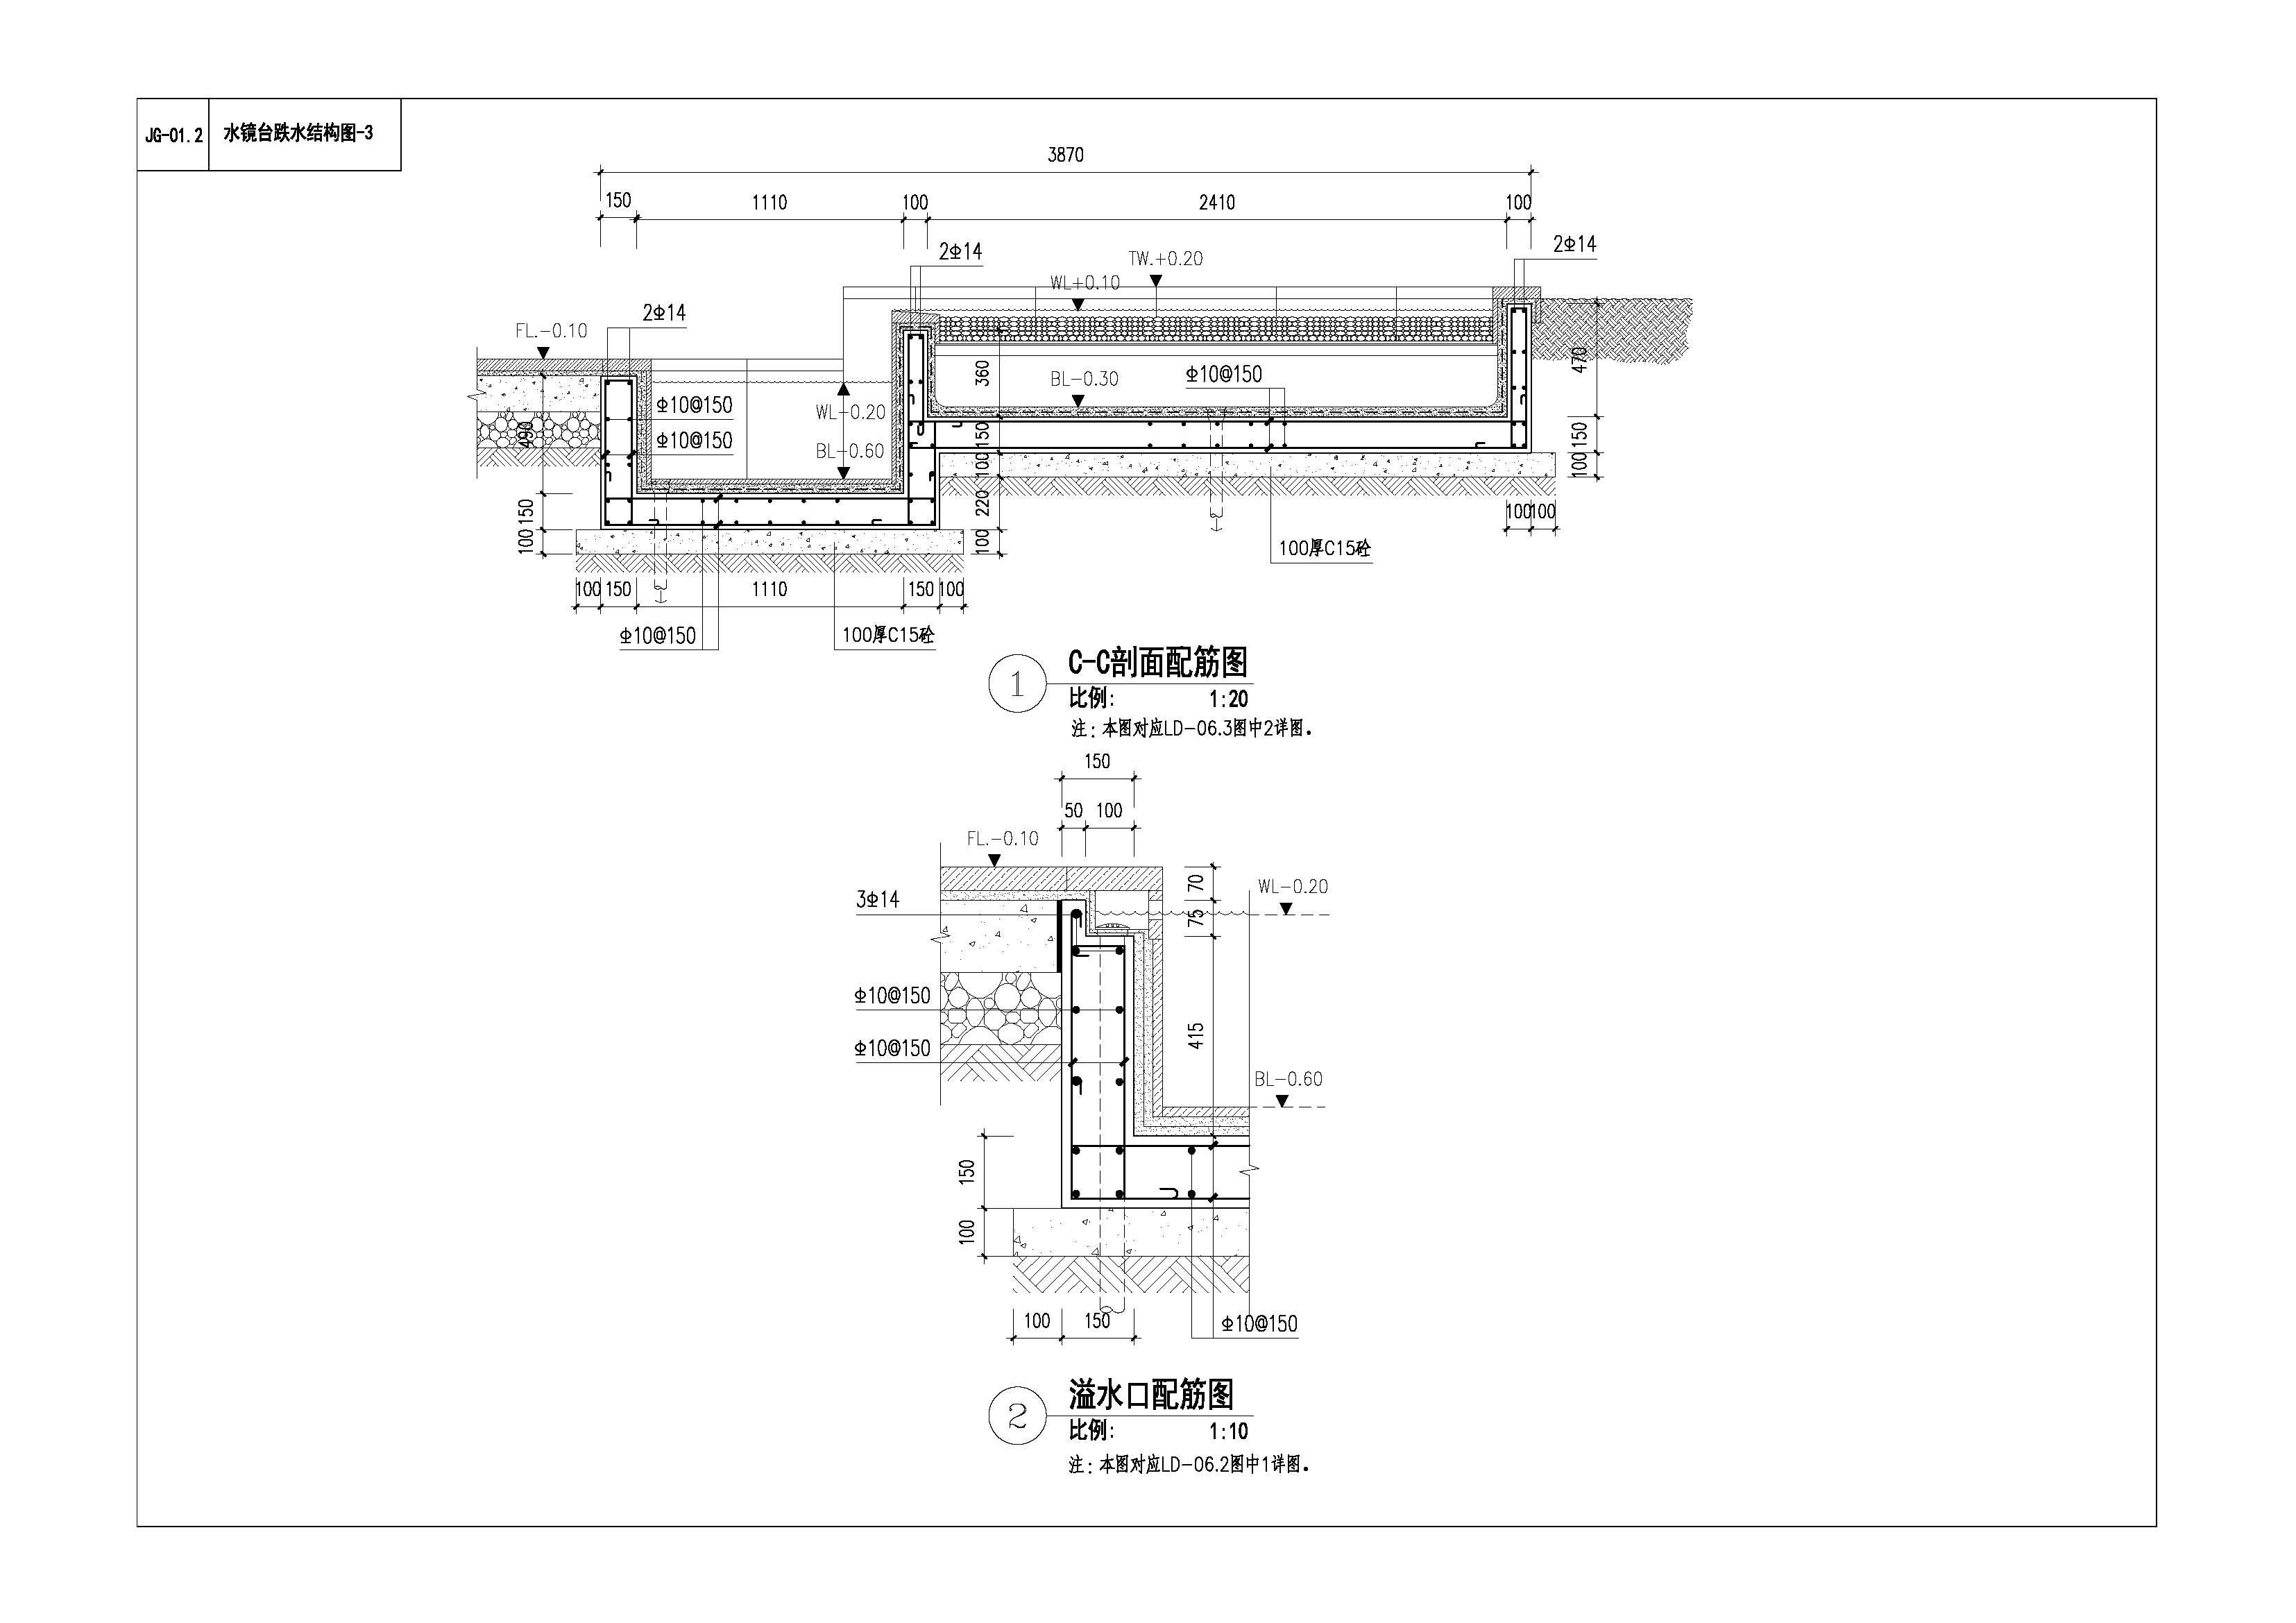 jg-01.2水镜台跌水结构图-3.jpg